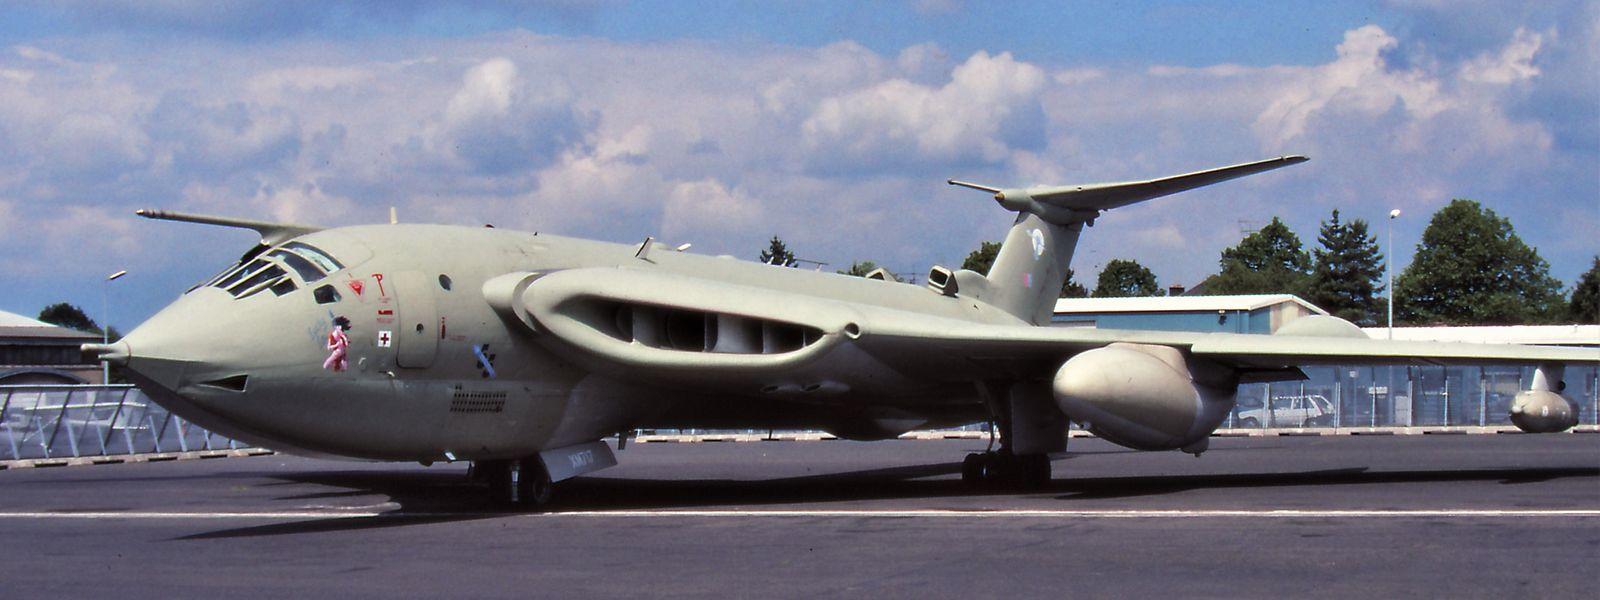 """Dieser """"Handley Page Victor B.2 Bomber"""" der Royal Air Force aus dem Jahr 1963 war während der Operation """"Desert Storm"""" 1990 im Einsatz. Bevor die Flotte verschrottet wurde, besuchte der Militärflieger auf seinem Abschiedsflug durch Europa im Juni 1991 auch Luxemburg."""